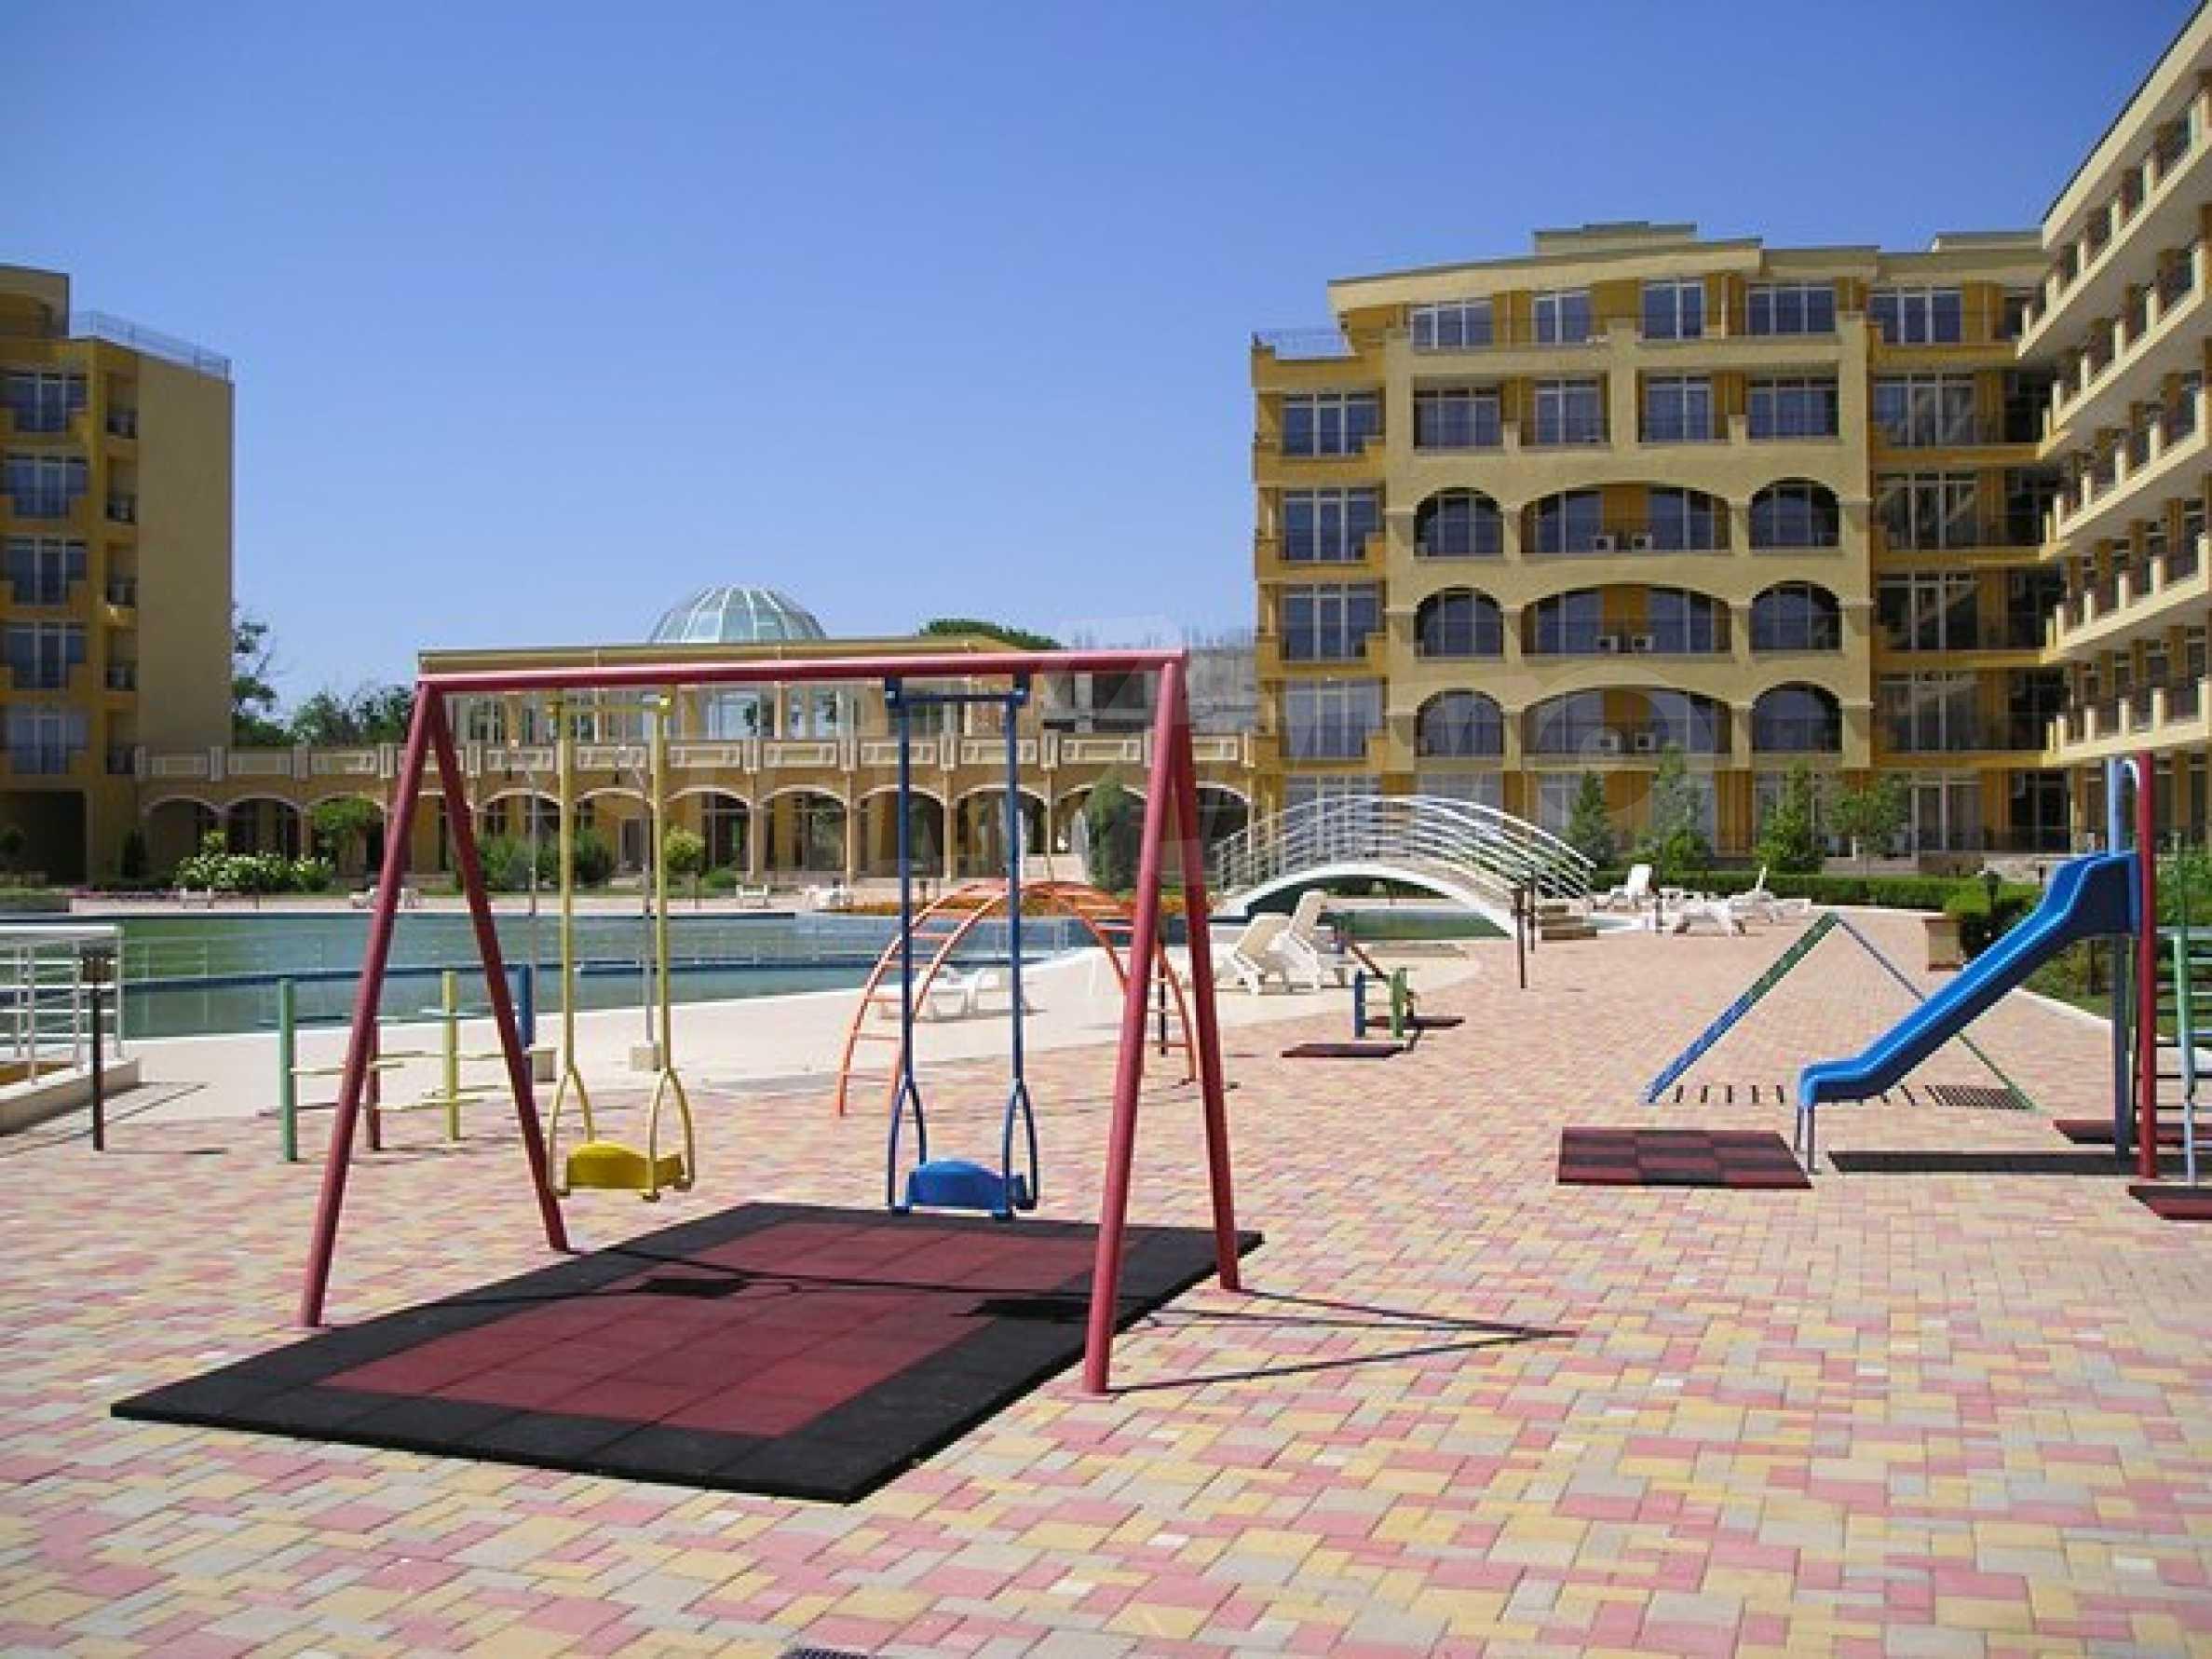 Studio zum Verkauf im Midia Grand Resort in Aheloy 30